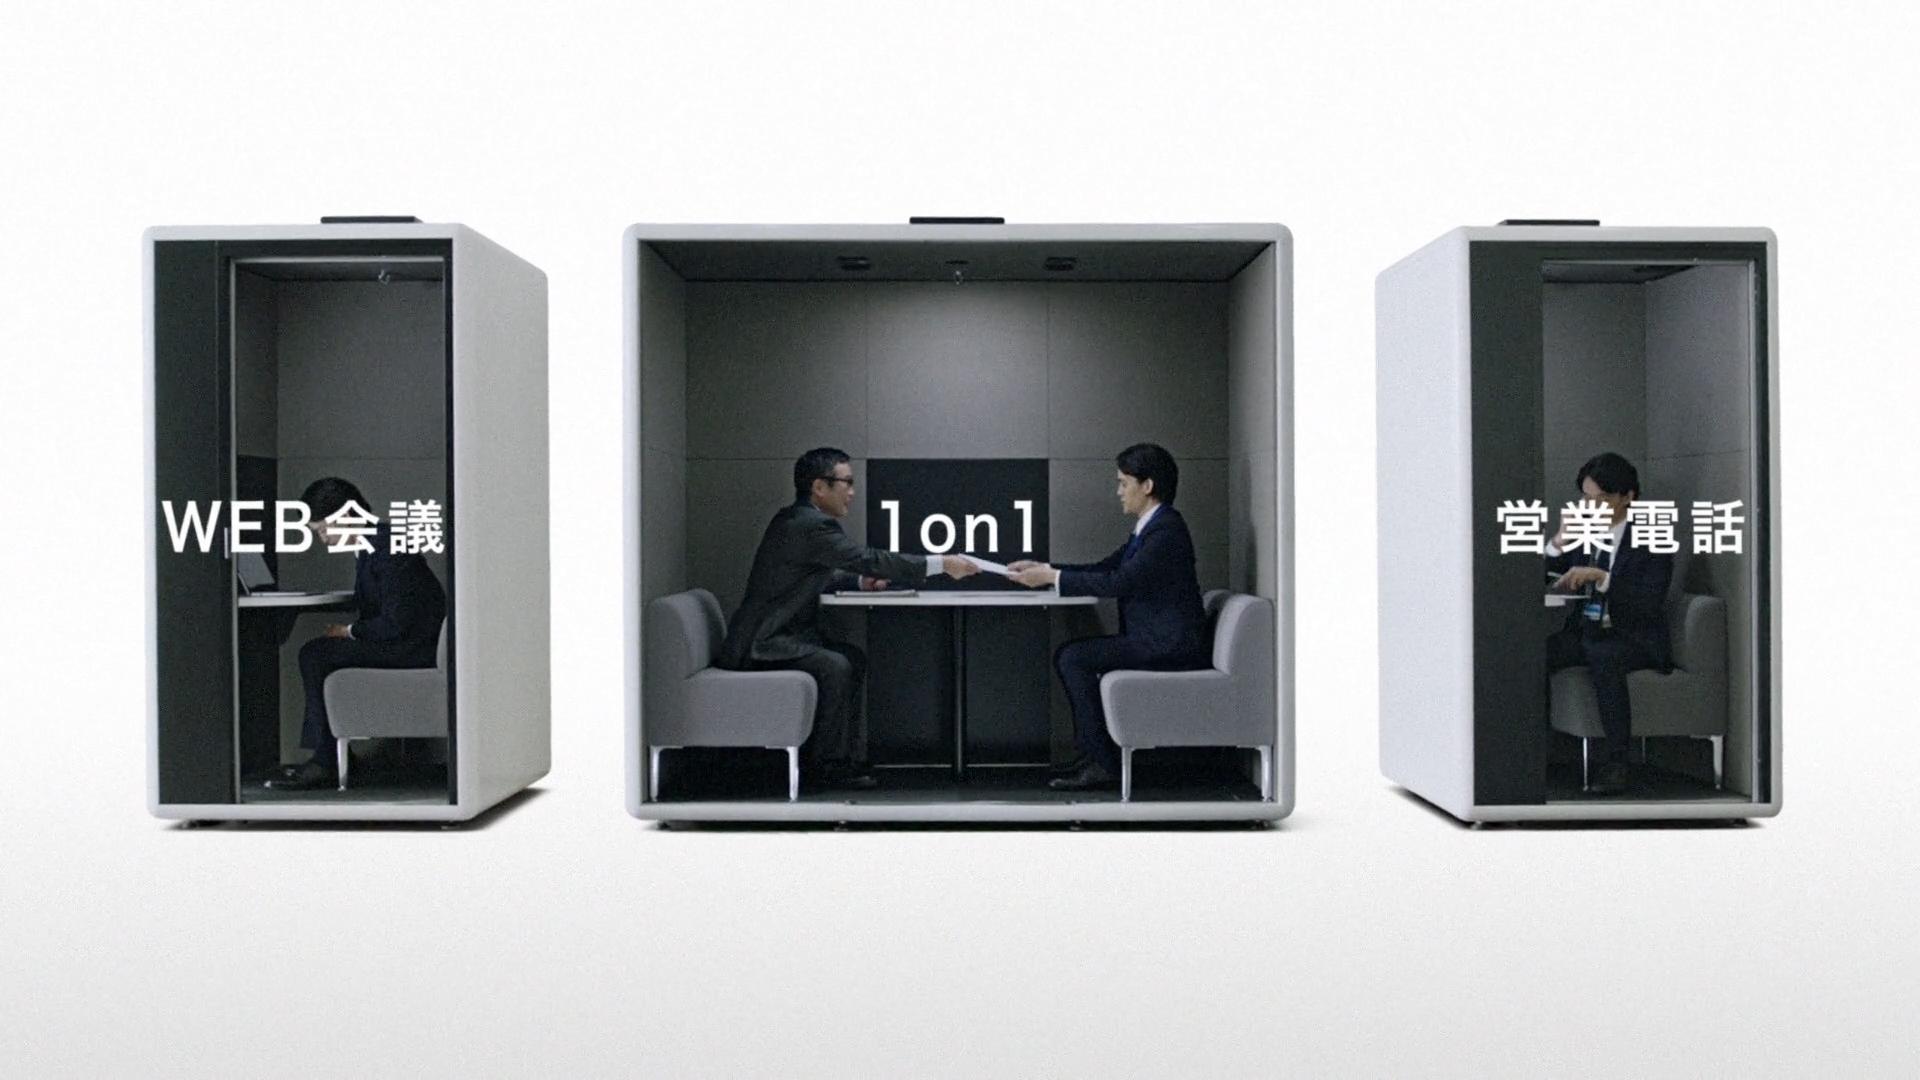 Web会議、1on1、営業電話